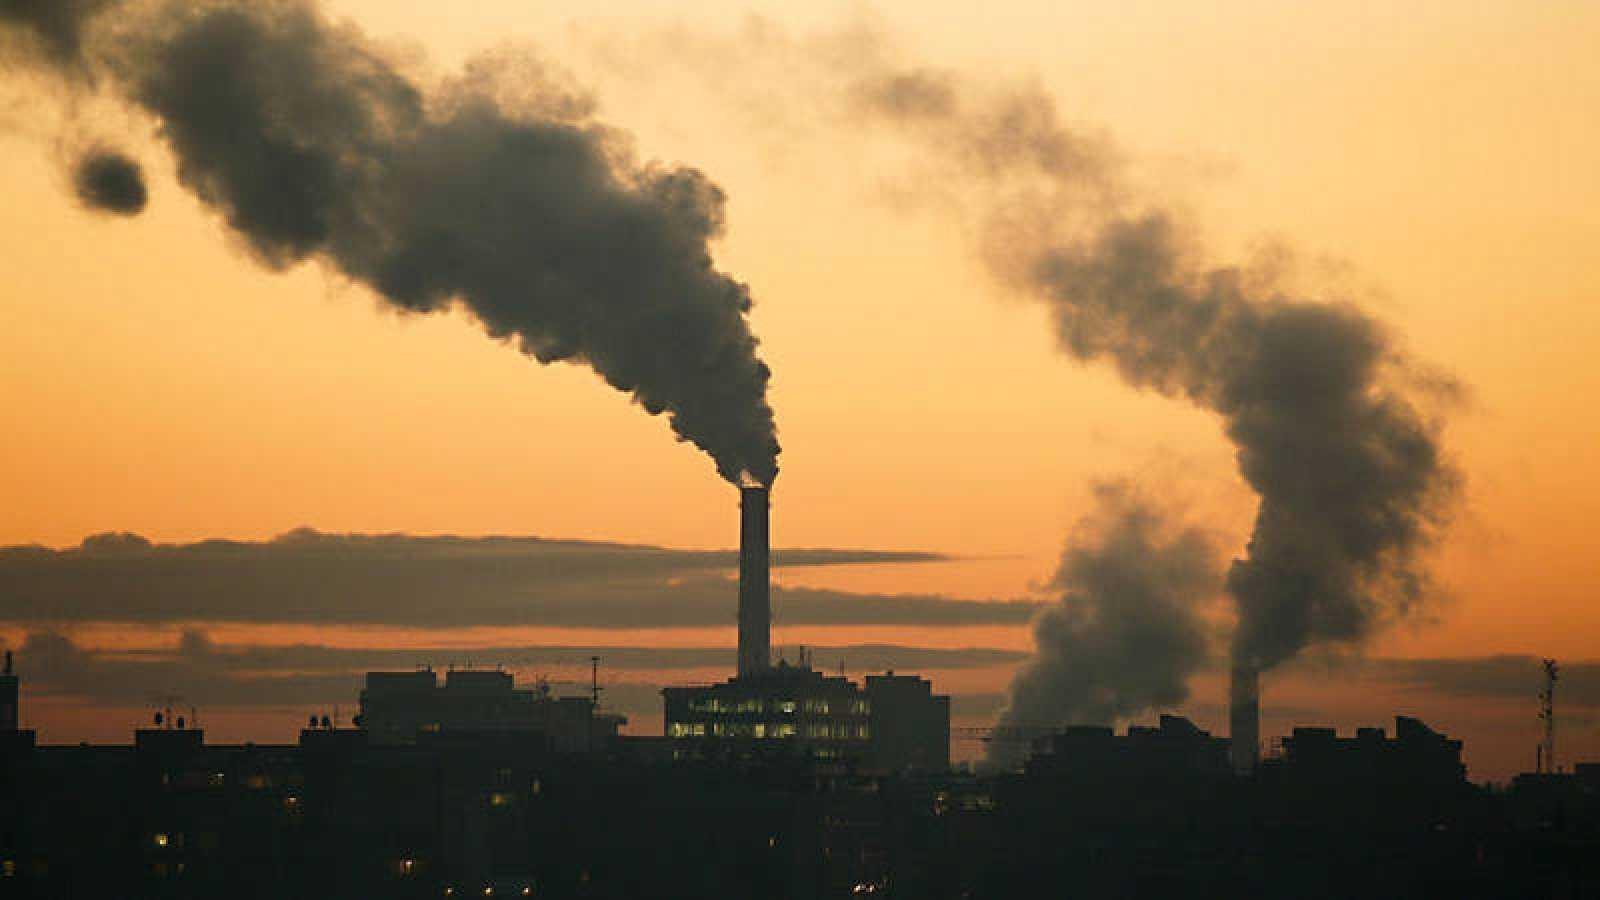 El siguiente paso es probar el nuevo catalizadoren plantas de energía que producen grandes cantidades de dióxido de carbono.